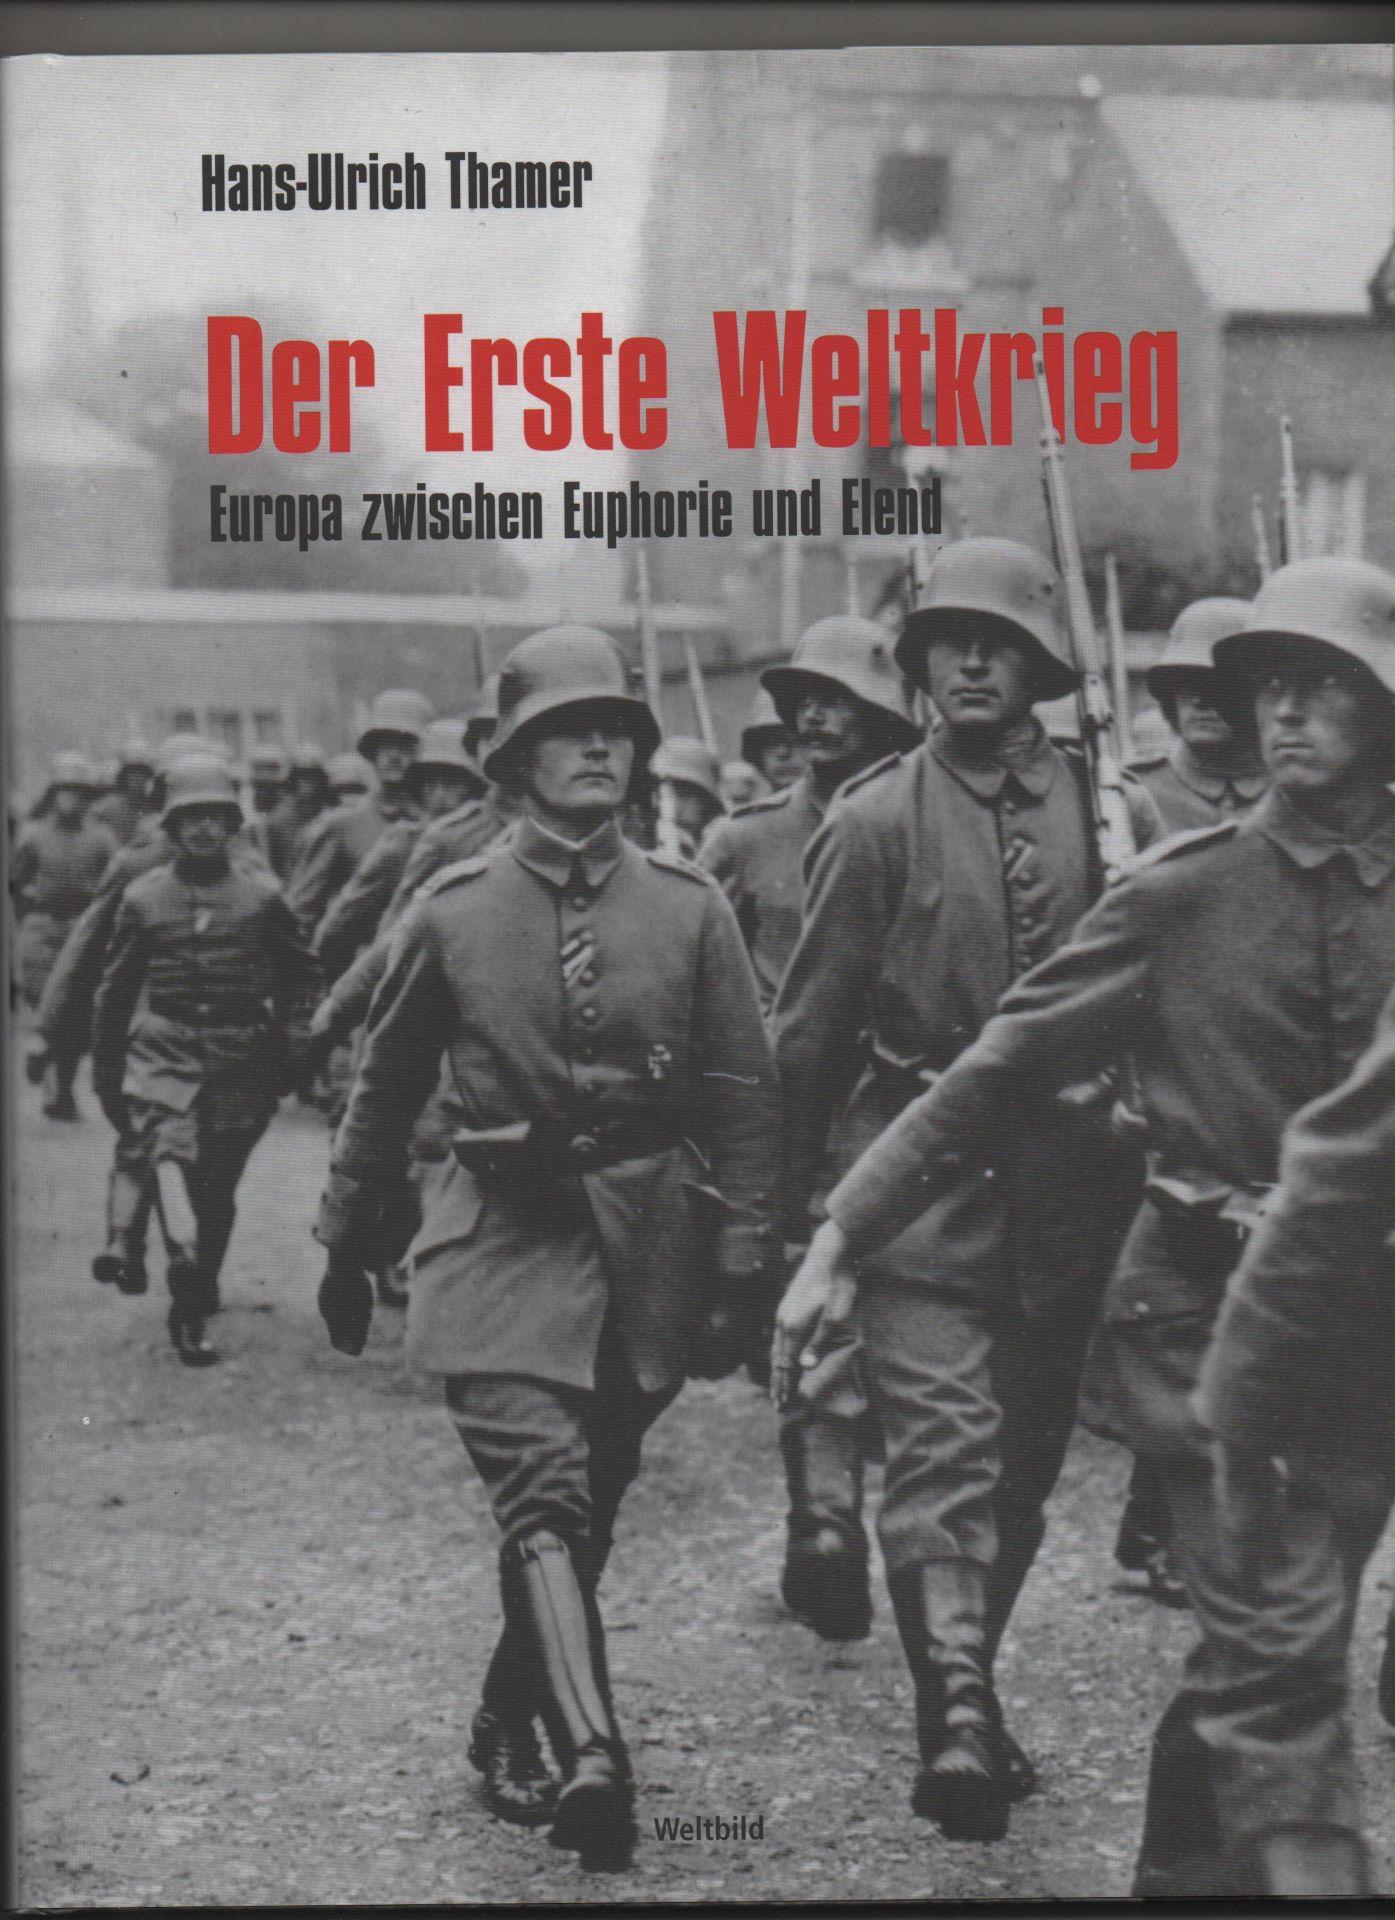 Der Erste Weltkrieg : Europa zwischen Euphorie und Elend. Hans-Ulrich Thamer. [Alle Abb.: akg-images GmbH, Berlin. Karten: Peter Palm] - Thamer, Hans-Ulrich (Mitwirkender)